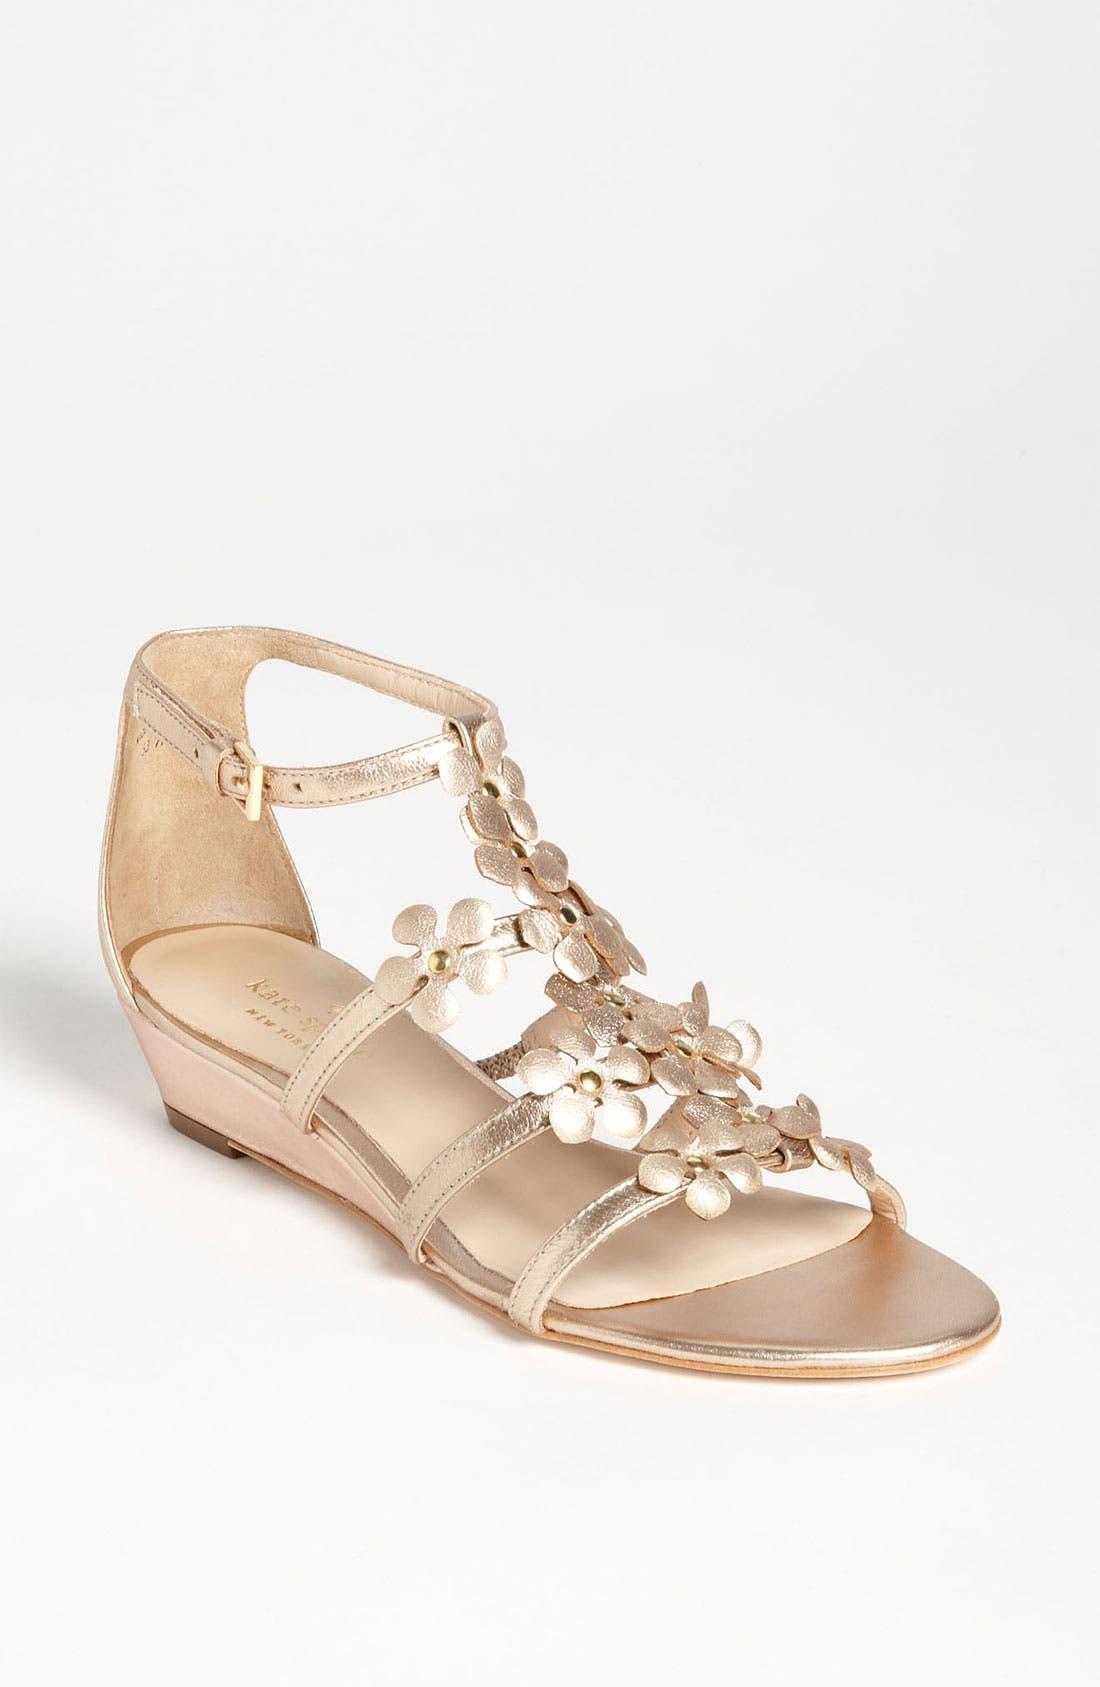 Main Image - kate spade new york 'vikki' sandal